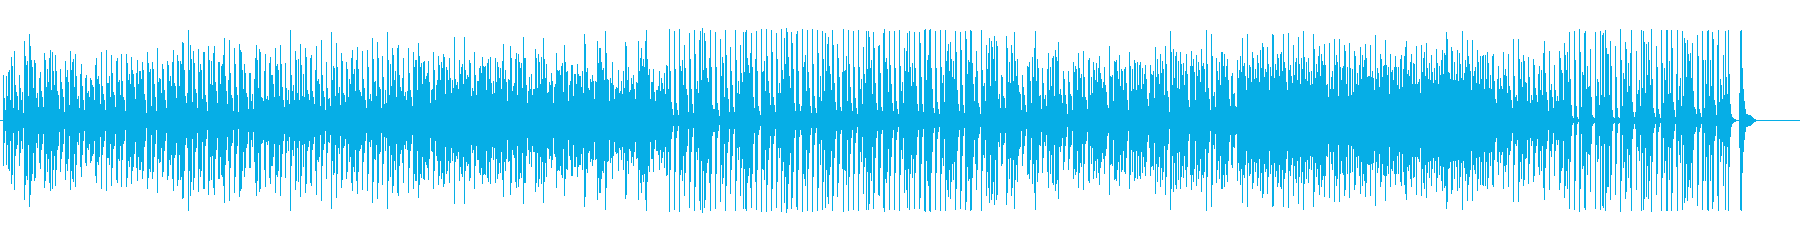 癒し可愛いピアノと弦楽団♪の再生済みの波形